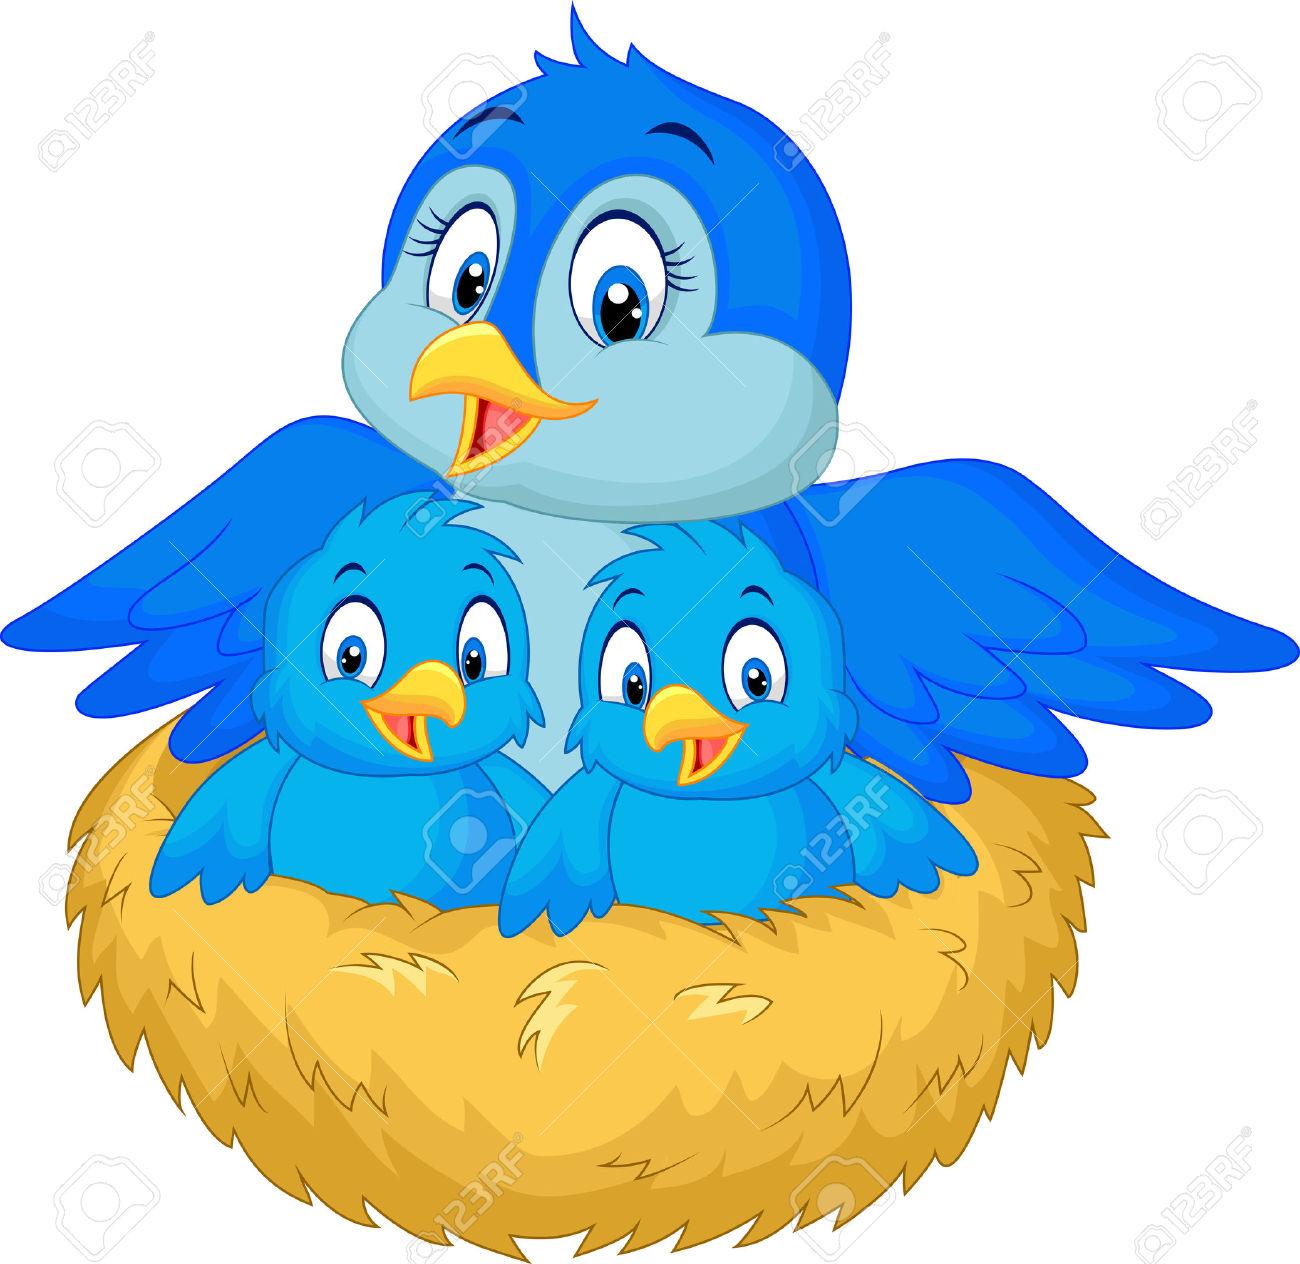 Nest clipart blue bird. In free download best